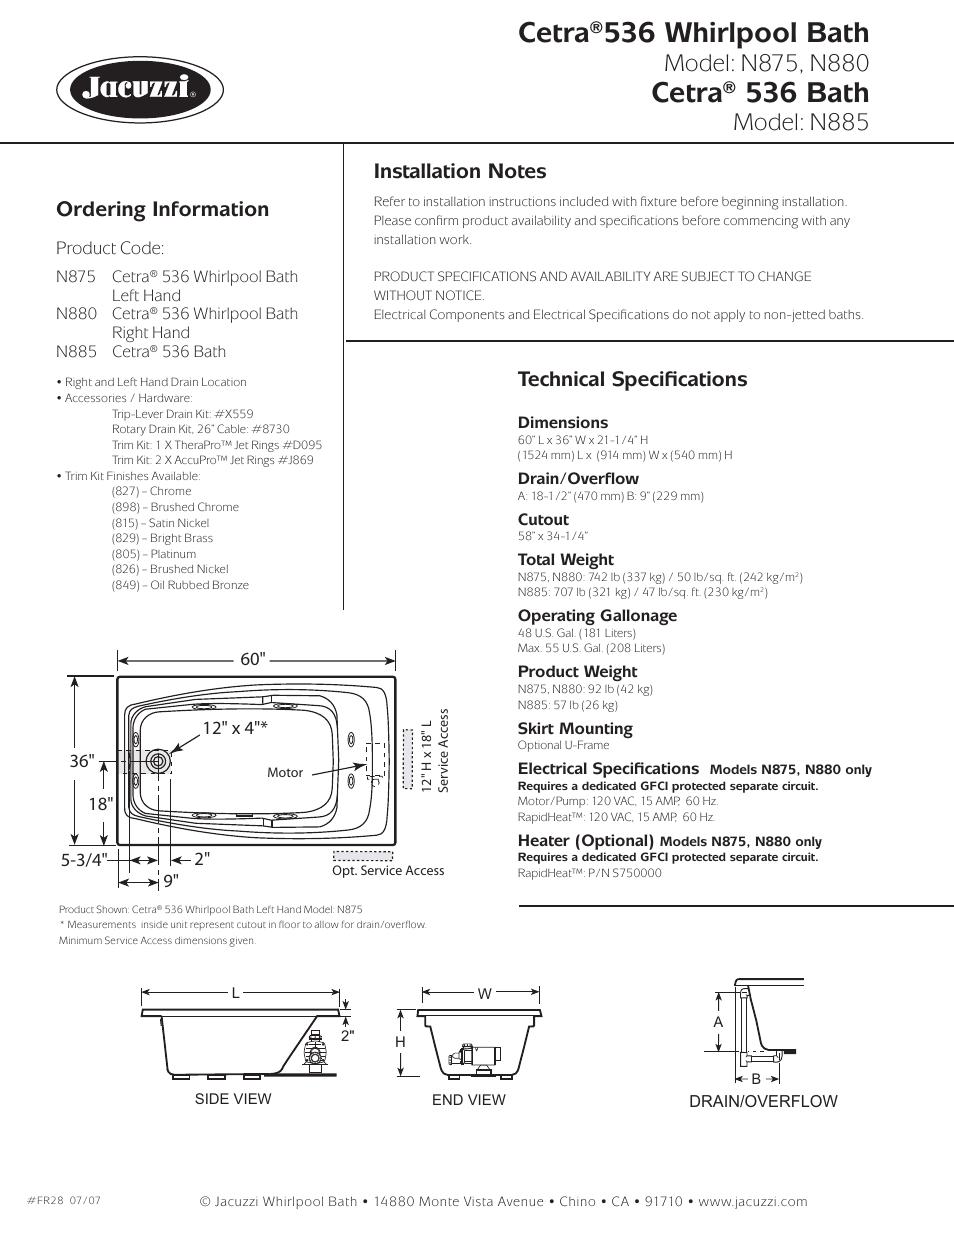 diagram whirlpool bath block and schematic diagrams u2022 rh lazysupply co Whirlpool Refrigerator Schematic Diagram Whirlpool Washing Machine Schematics